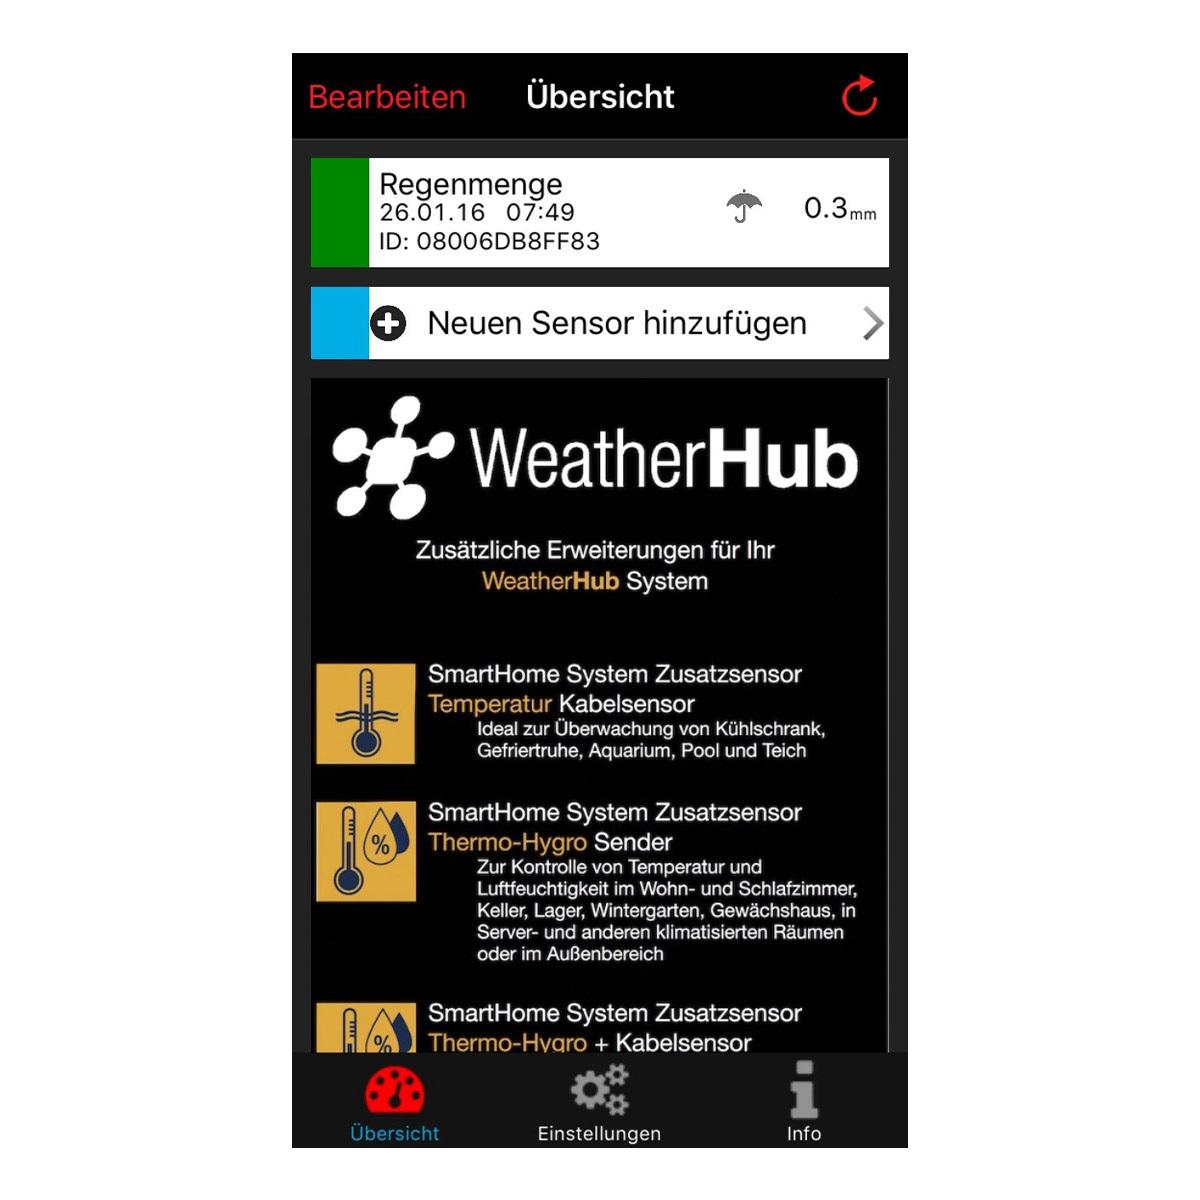 31-4003-02-starter-set-mit-funk-regenmesser-weatherhub-app-anwendung-1200x1200px.jpg